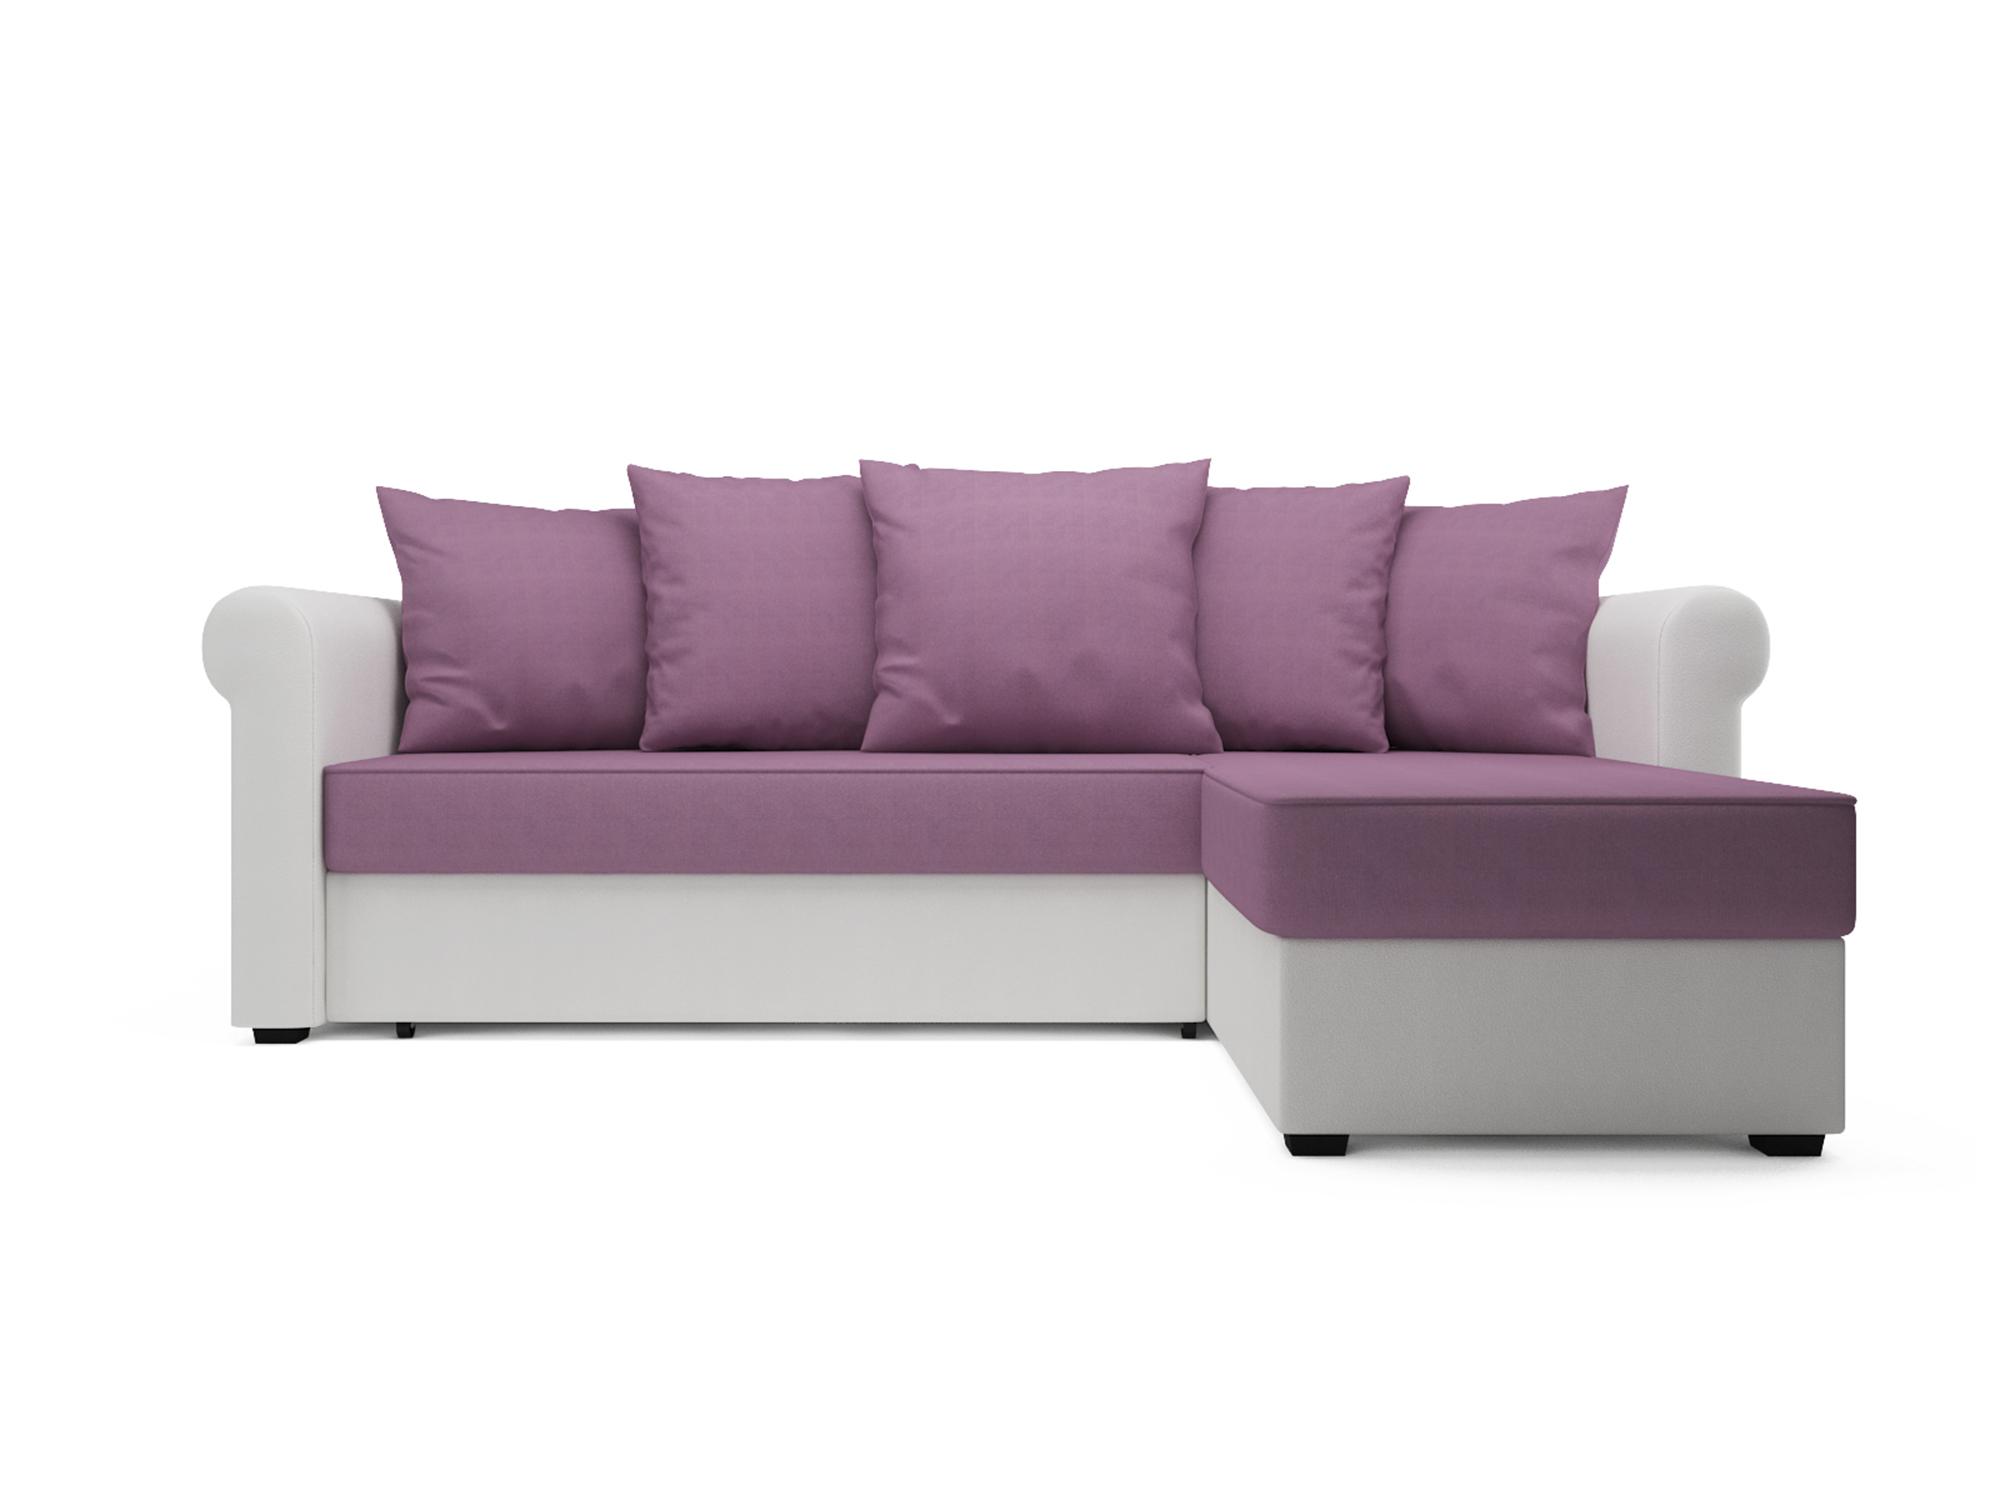 Угловой диван Рейн MebelVia Фиолетовый, Искусственная кожа